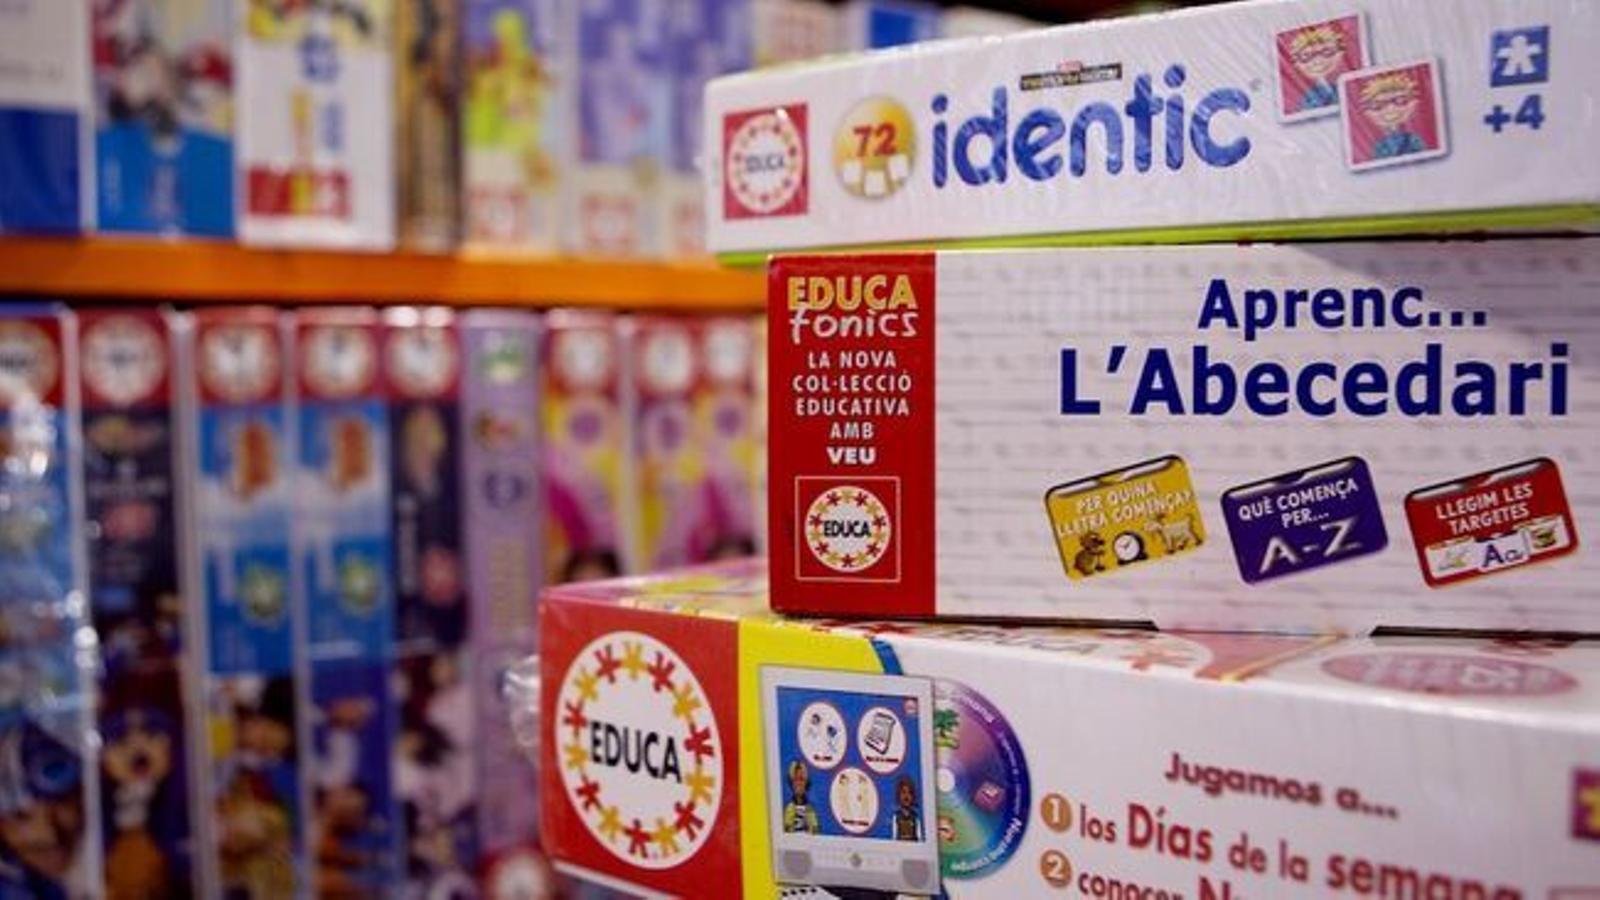 Les botigues de juguetes de Menorca dupliquen les vendes de puzles durant la pandèmia